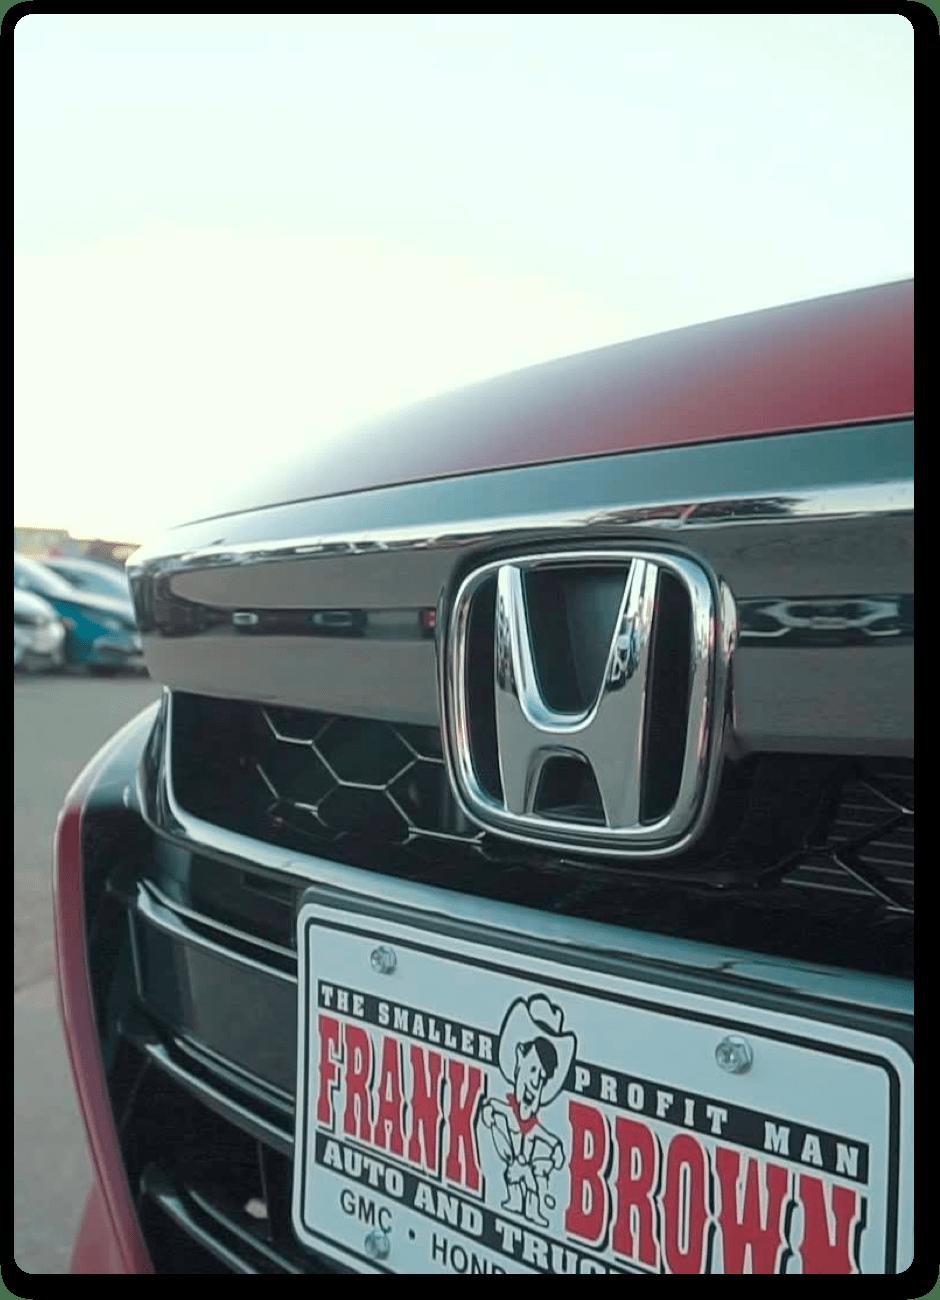 Close up of Frank Brown Honda license plate on Honda car in car lot